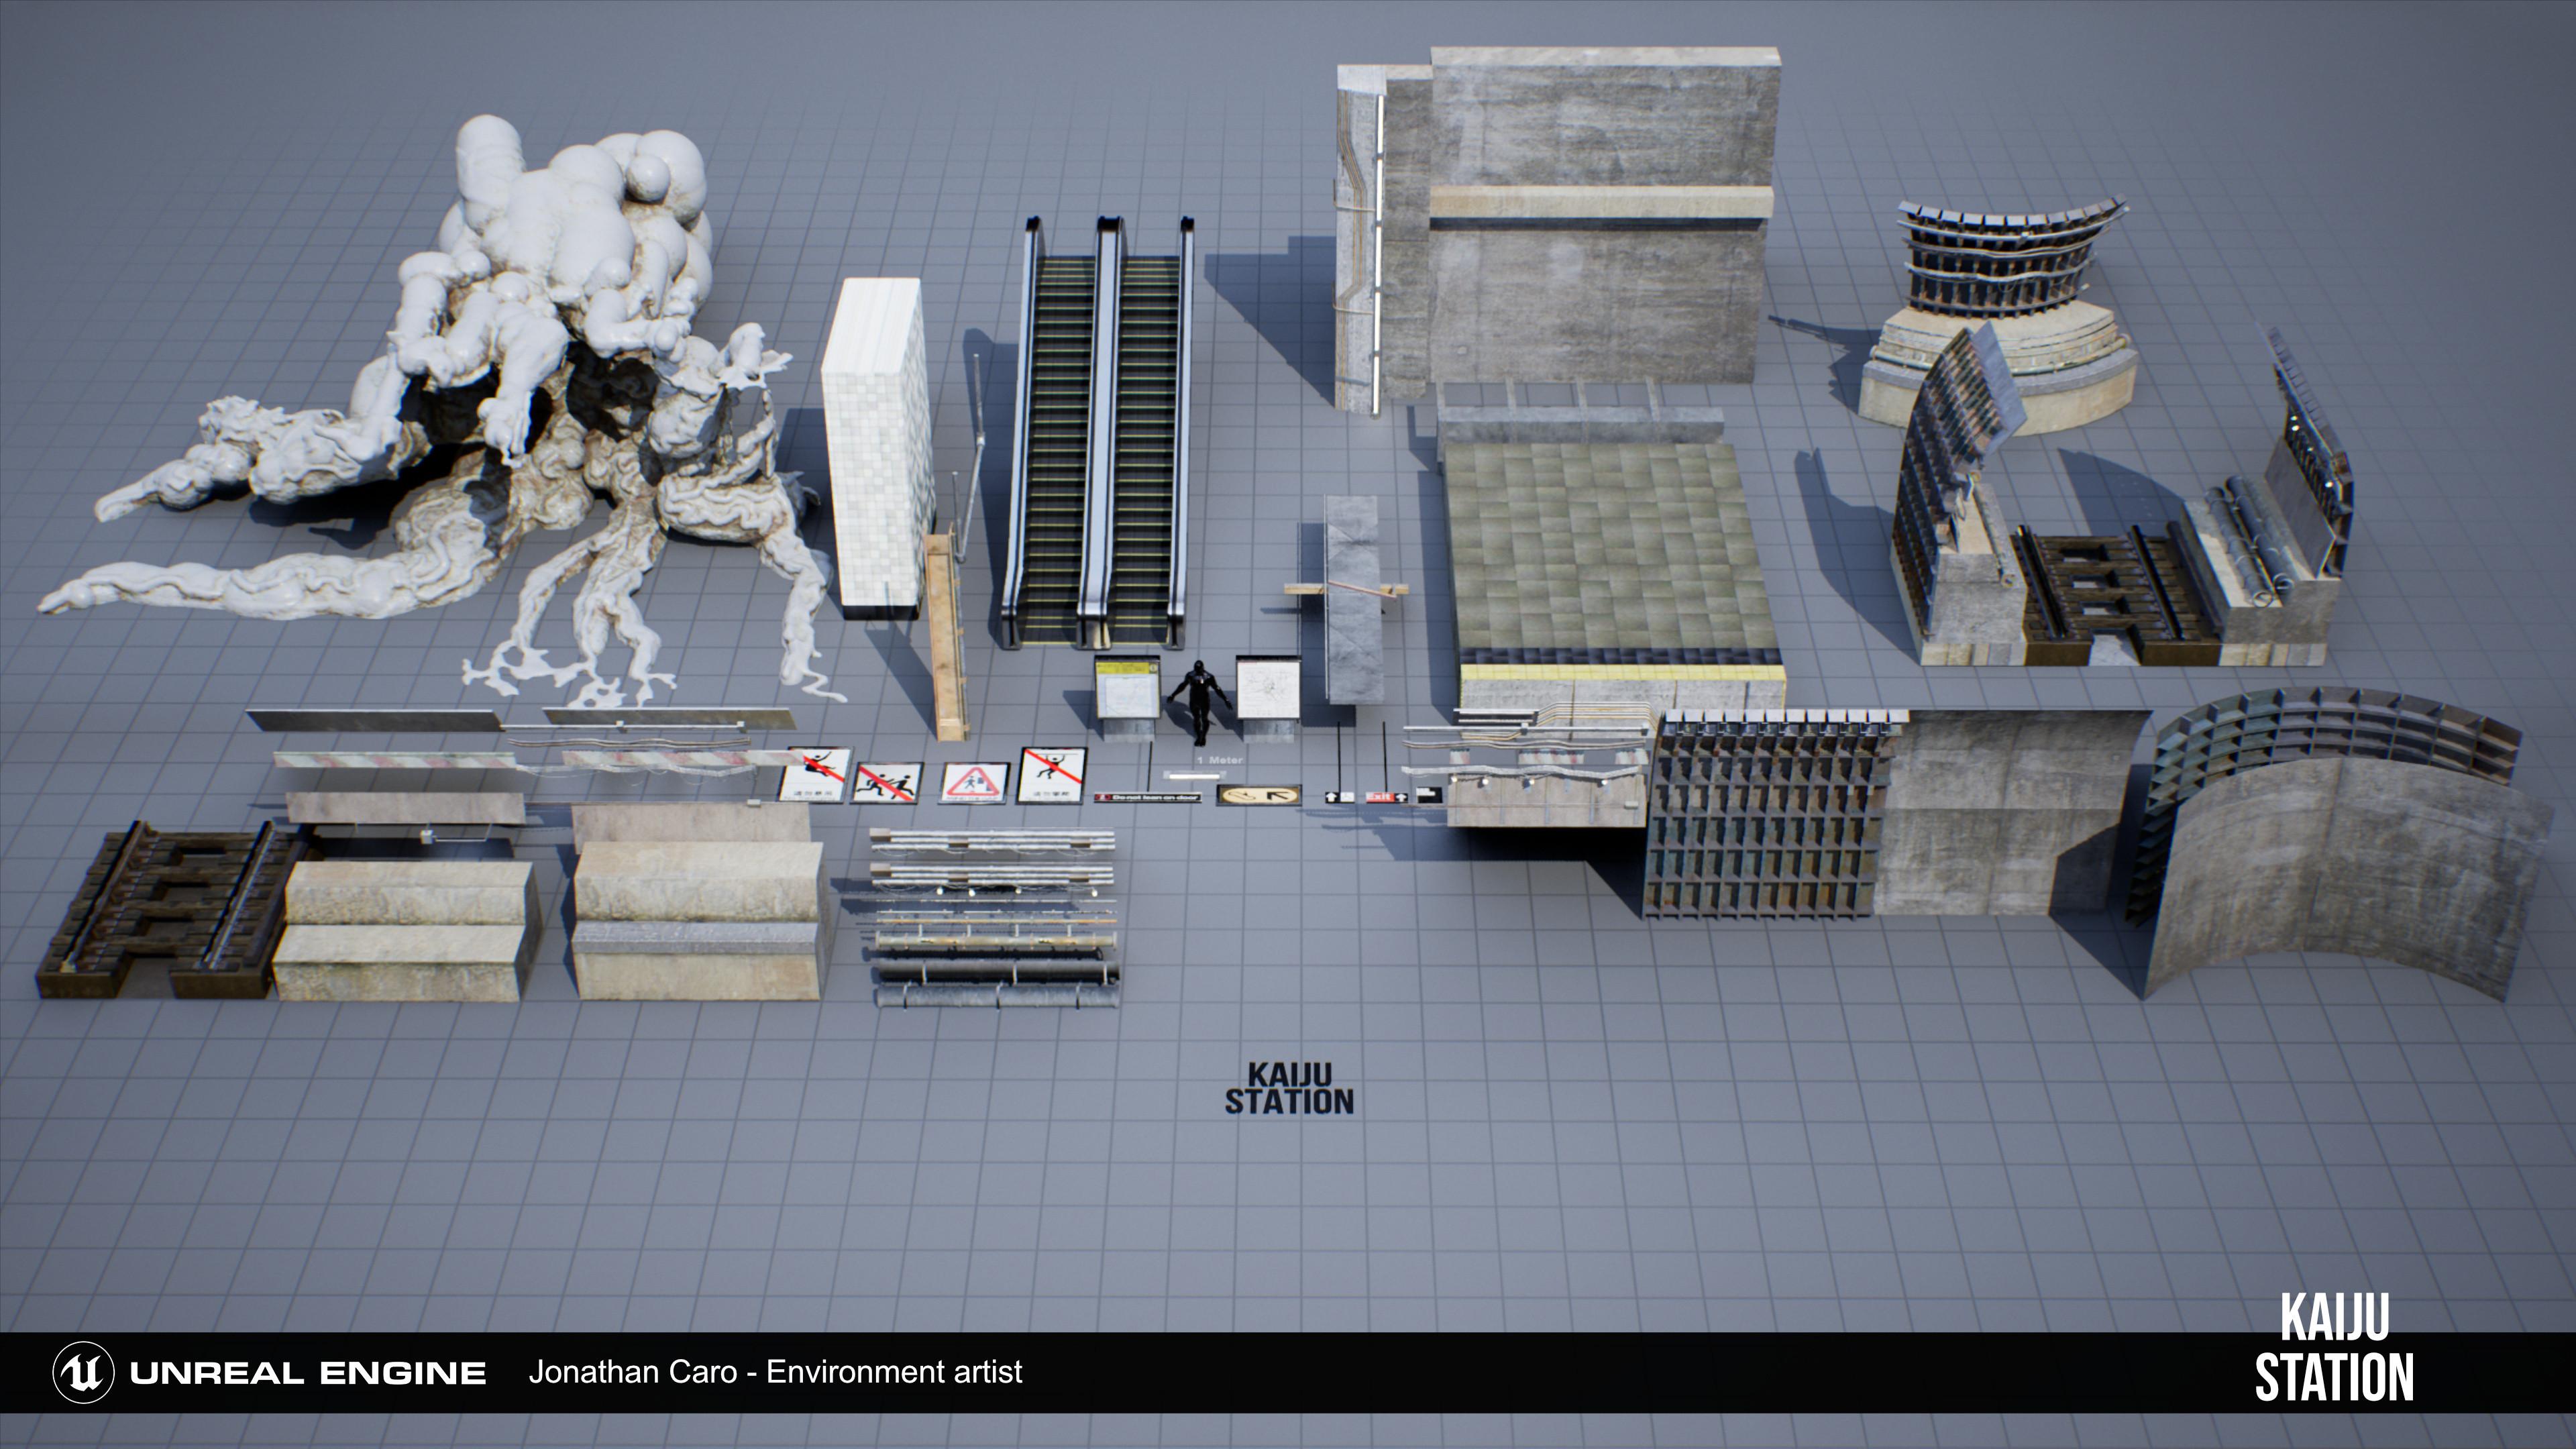 Modular kit used to build entire envio.